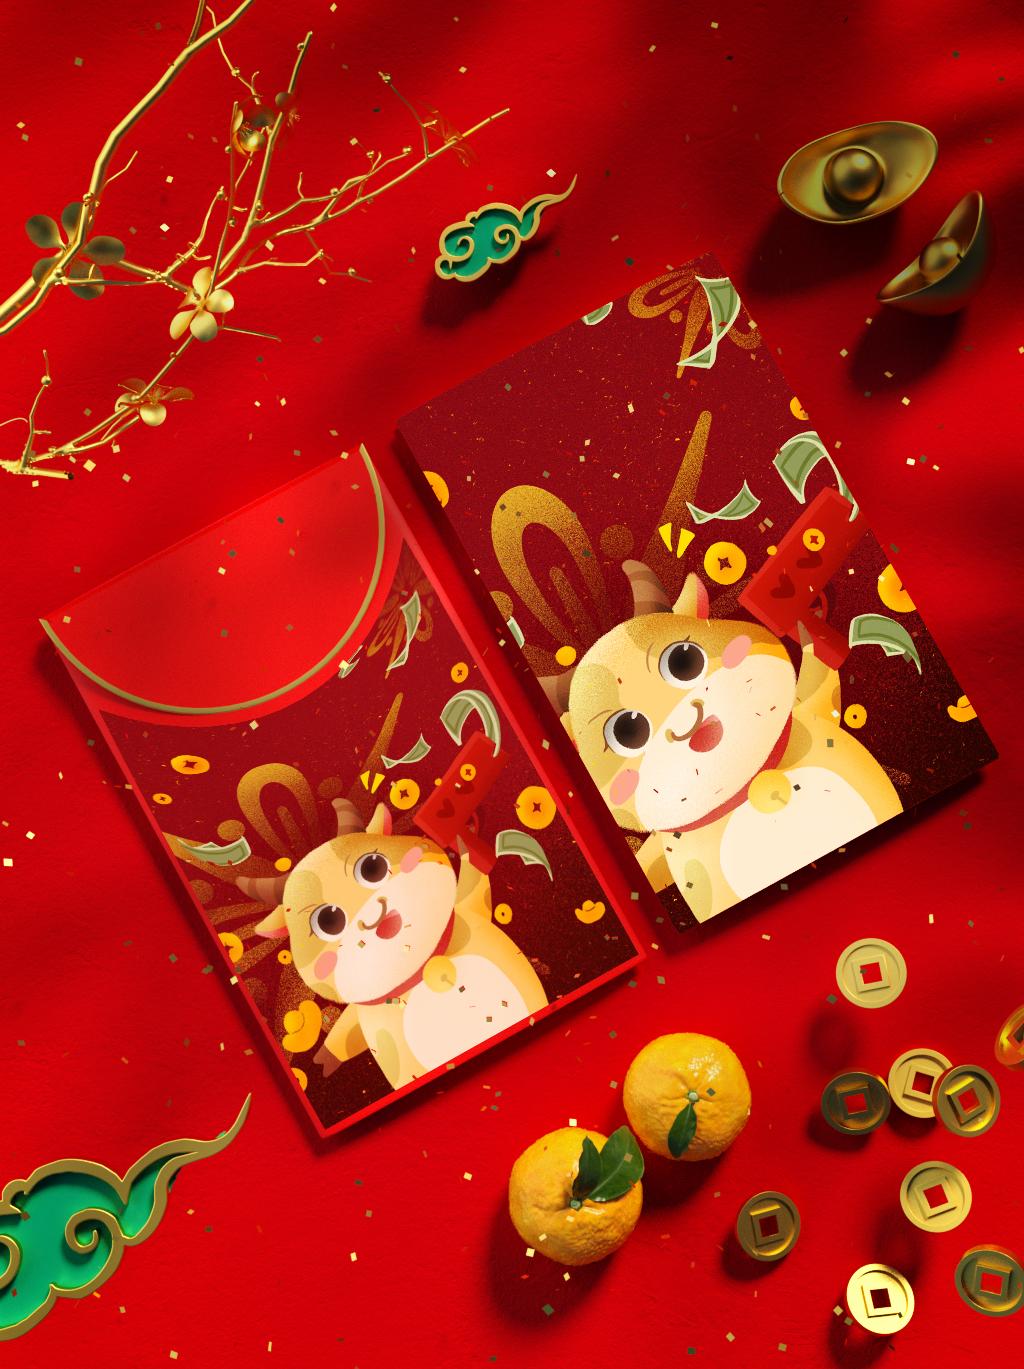 商业插画绘制插图文创周边物料礼品设计微信红包包装盒袋纸杯抱枕